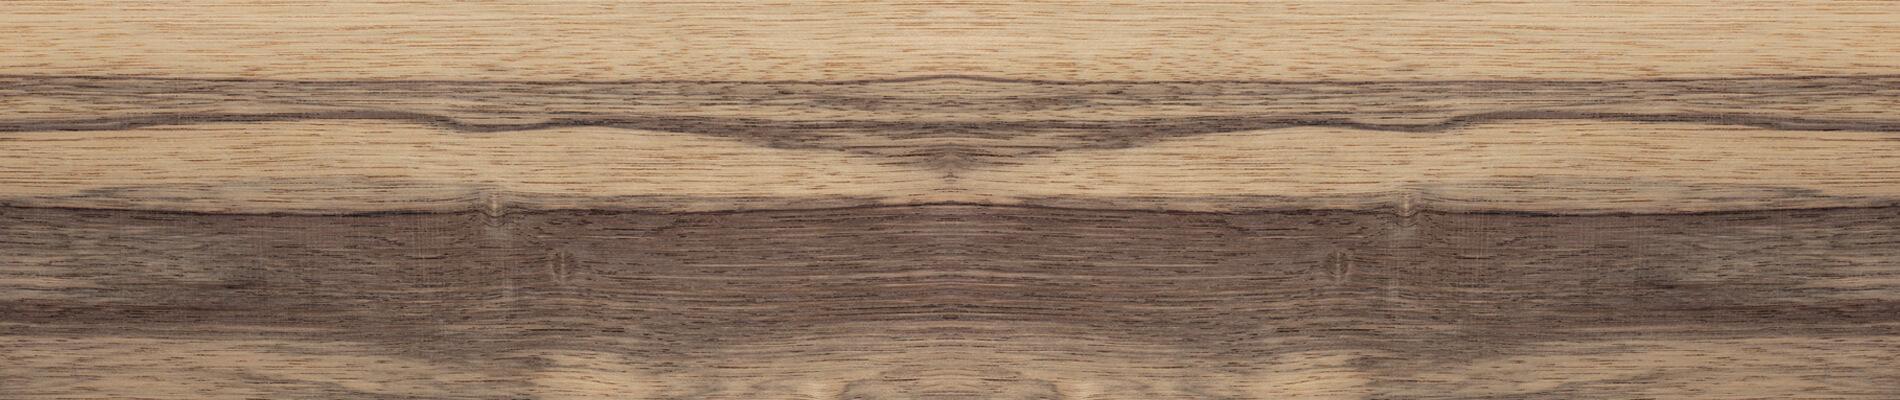 Essence de bois frake bariol bois exotiques essarbois for Essences de bois exotiques